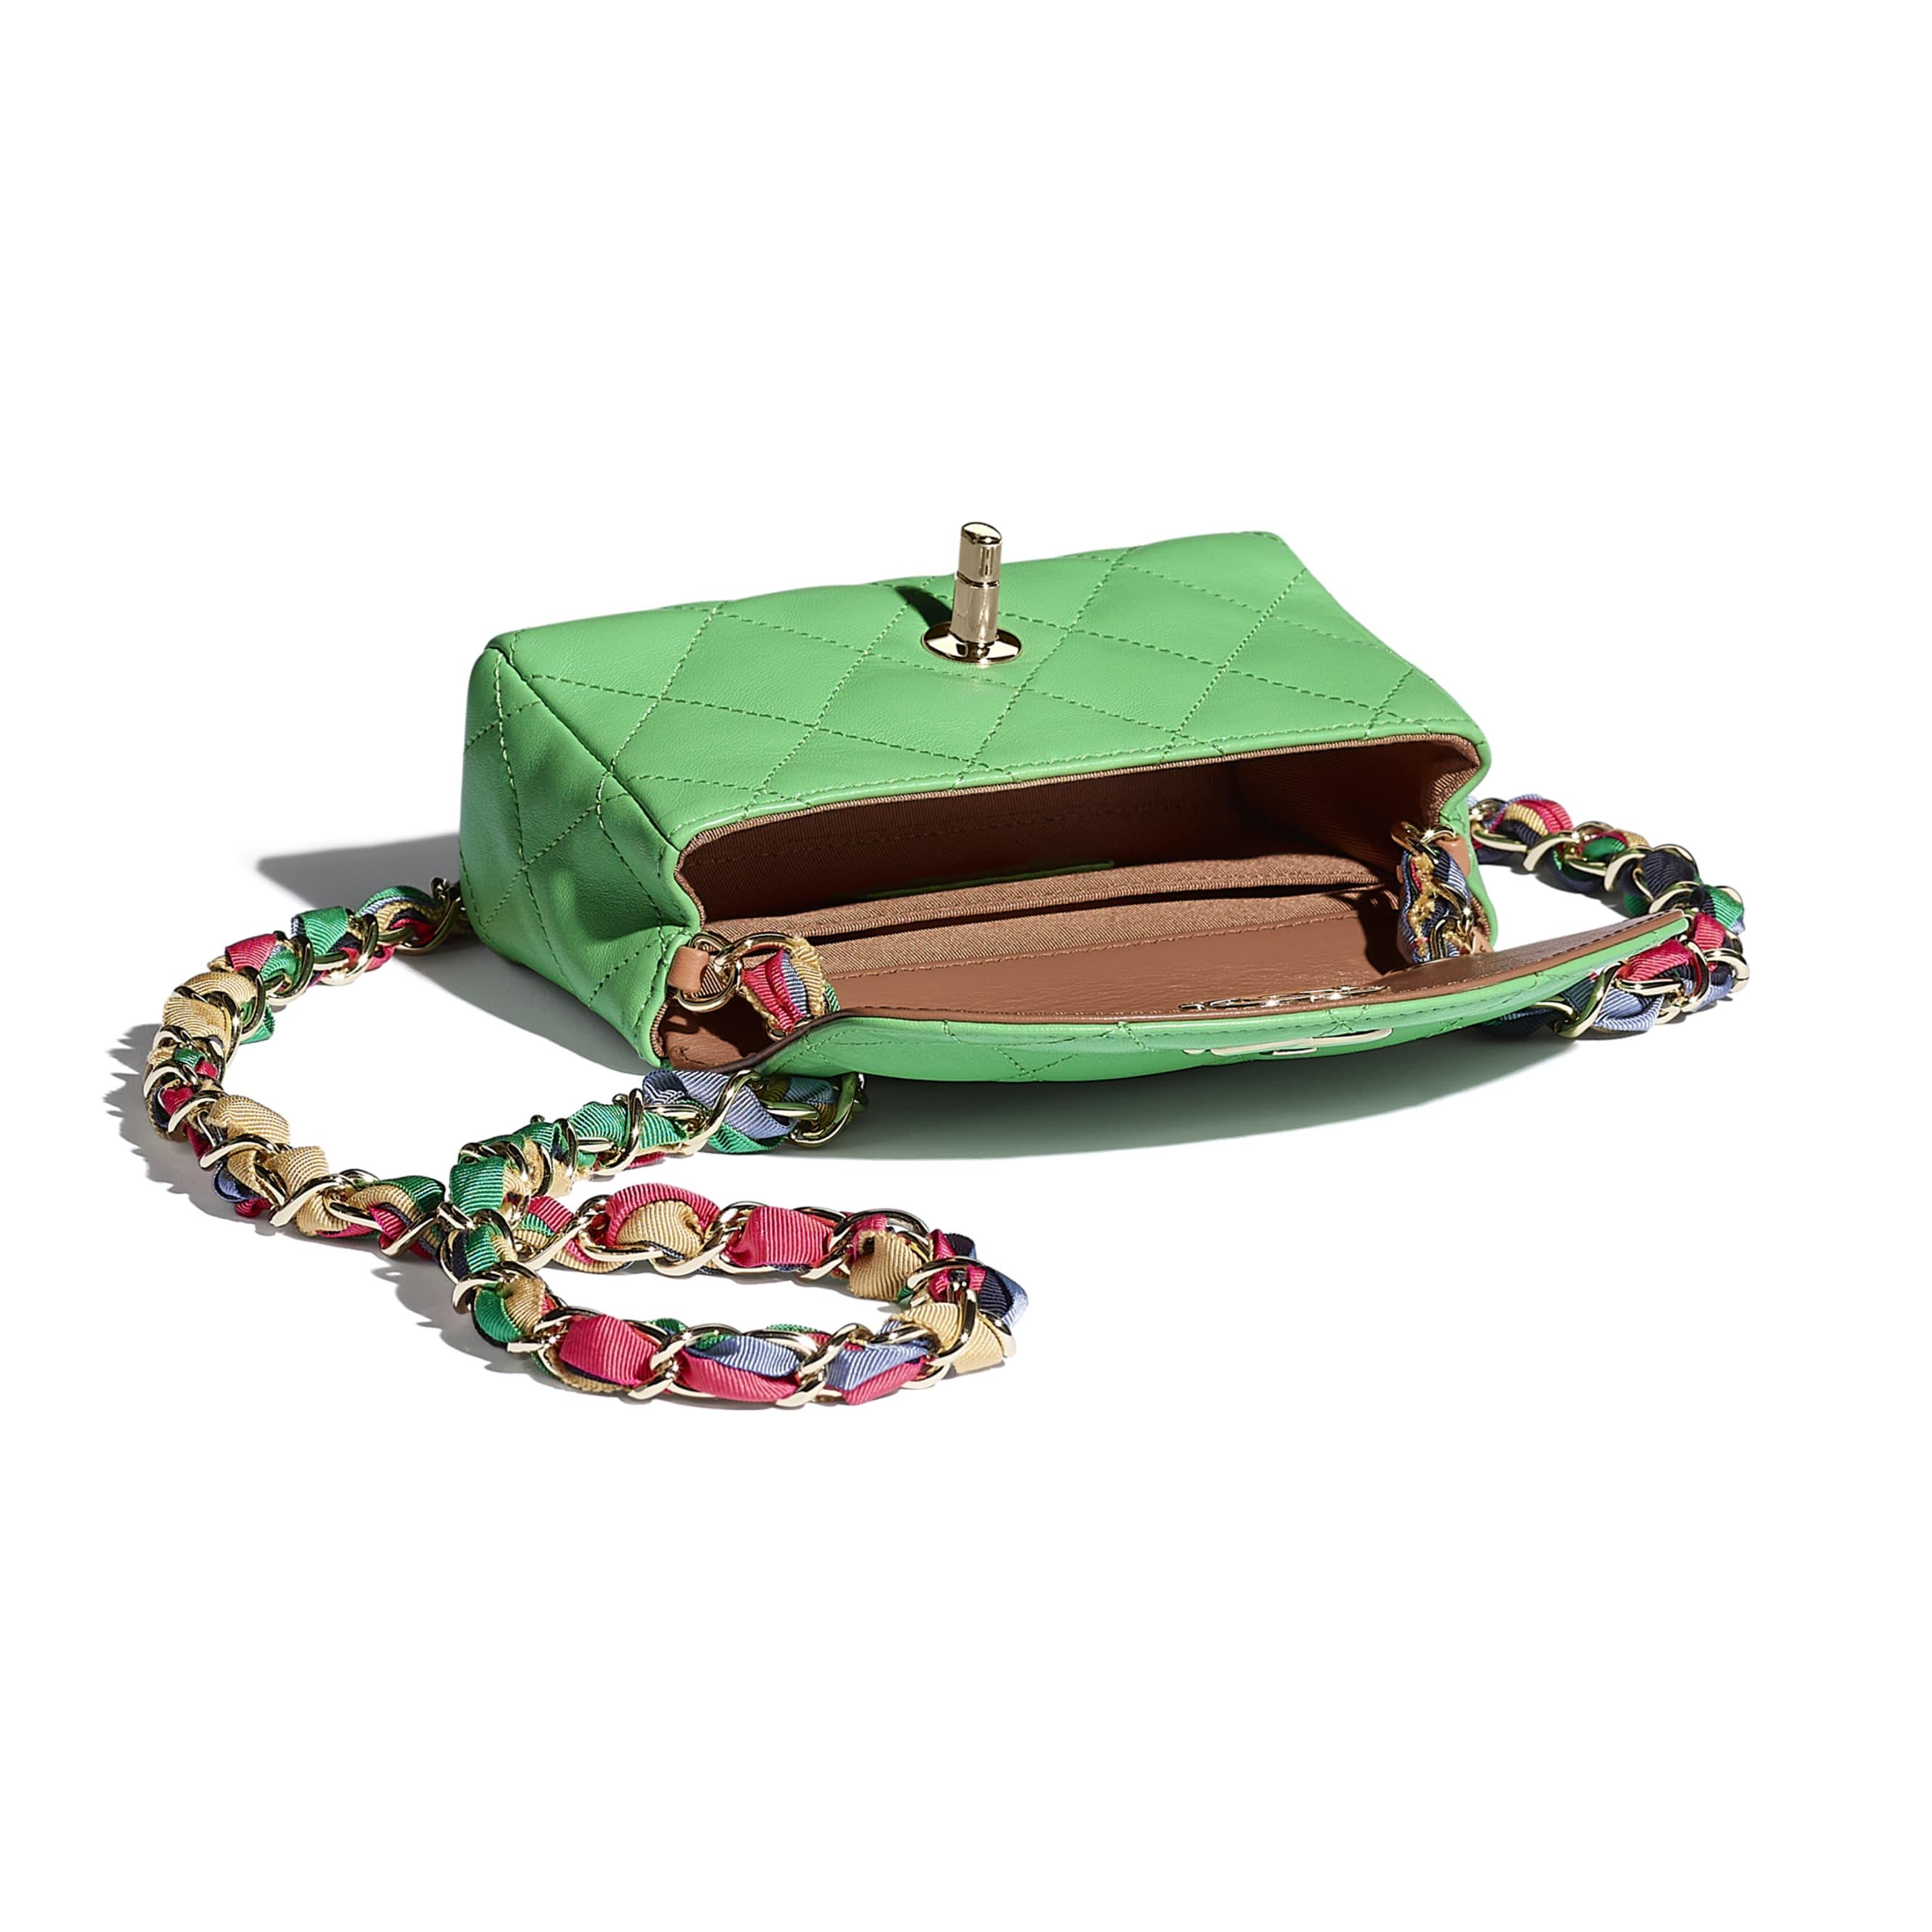 細號垂蓋手袋 - 綠色 - 小羊皮、混合纖維及金色金屬 - CHANEL - 其他視圖 - 查看標準尺寸版本